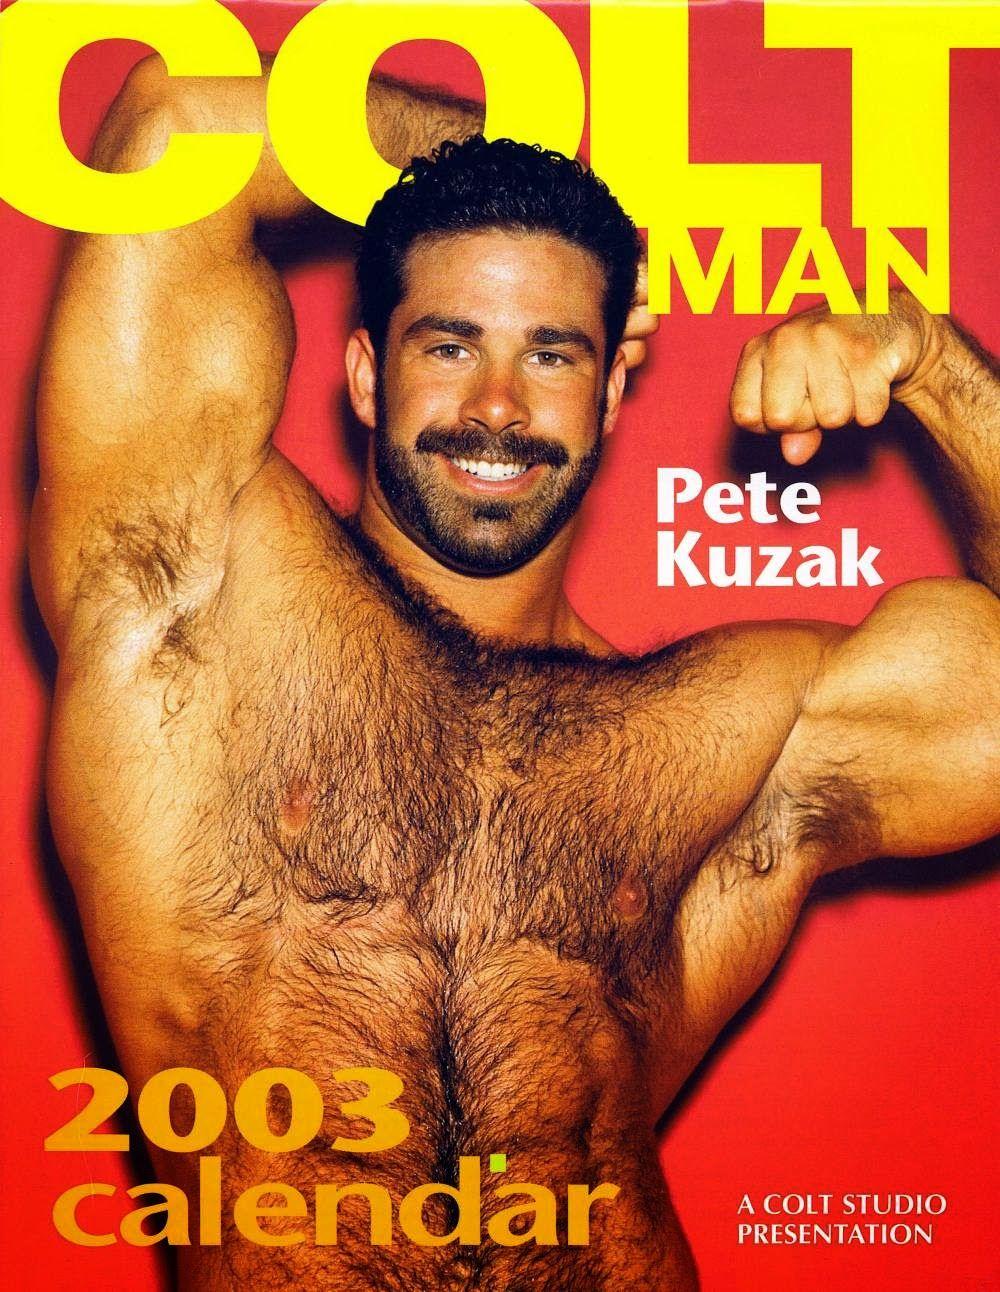 Muscle Woof On Instagram Bears: Hairy Men, Muscular Men, Muscle Men